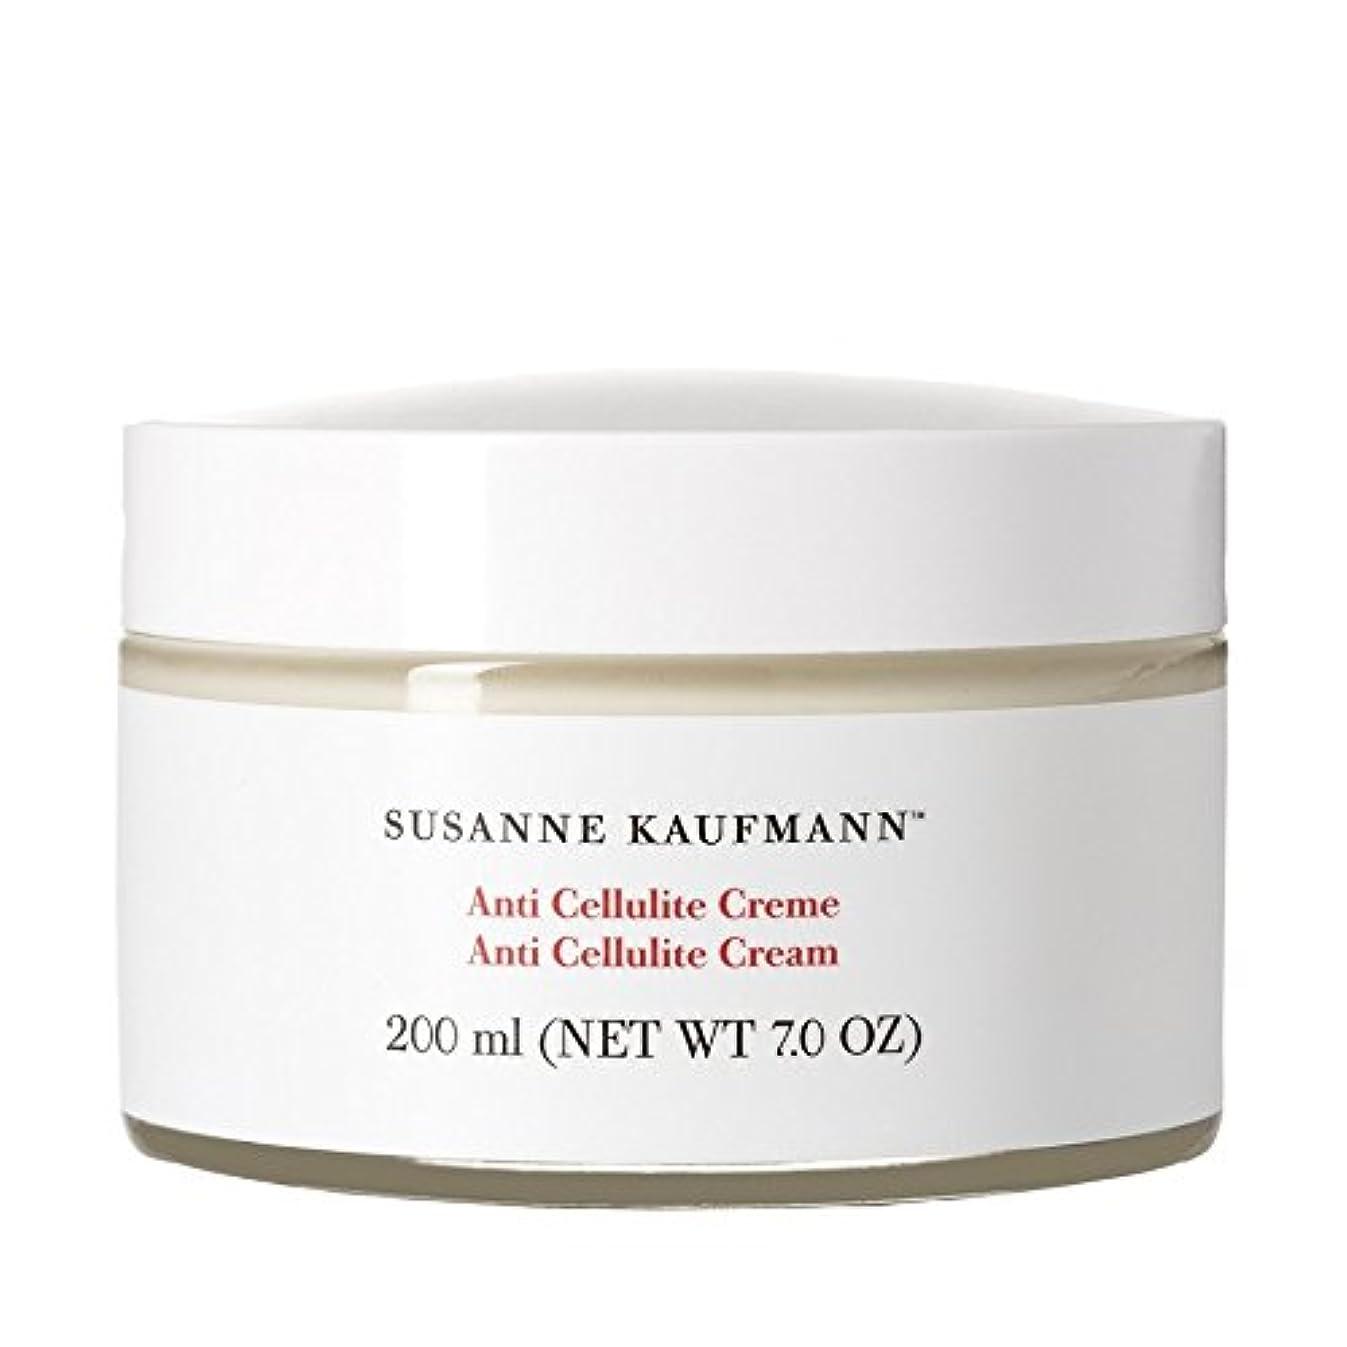 アコードスキールーフSusanne Kaufmann Anti Cellulite Cream 200ml - スザンヌカウフマン抗セルライトクリーム200ミリリットル [並行輸入品]